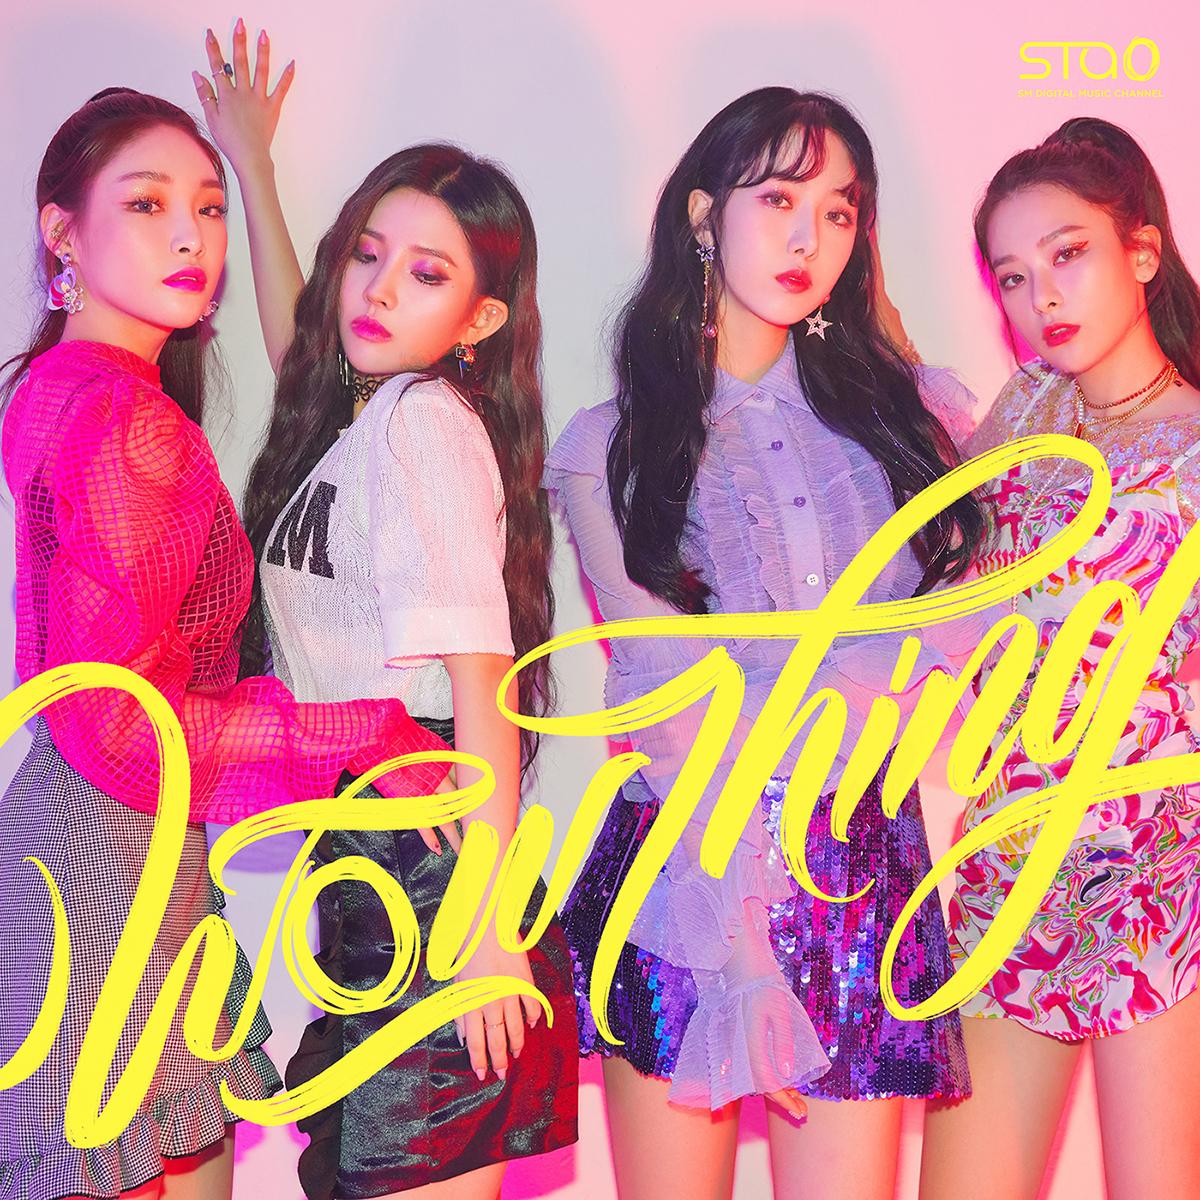 '역대급 조합' 슬기X신비X청하X소연, 신곡 'Wow Thing' 오늘(28일) 공개